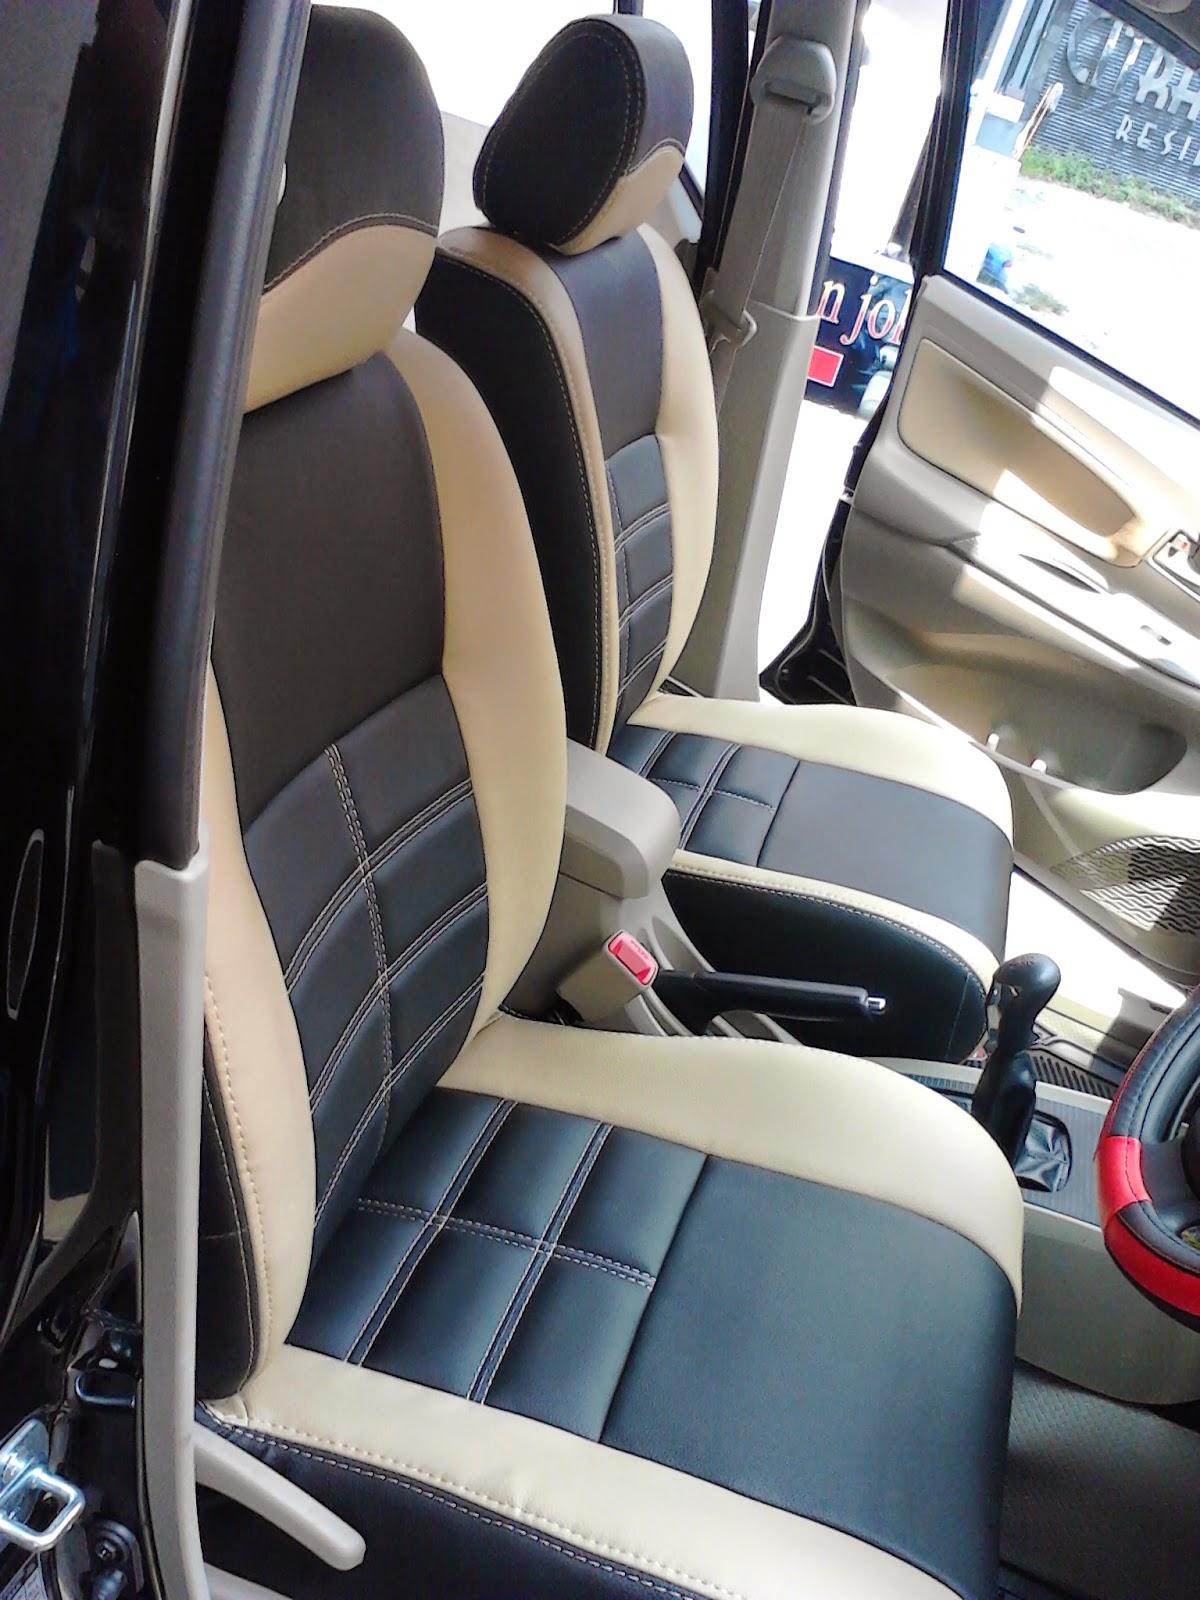 Cover Jok Grand New Avanza Cicilan Mobil Mbtech Camaro